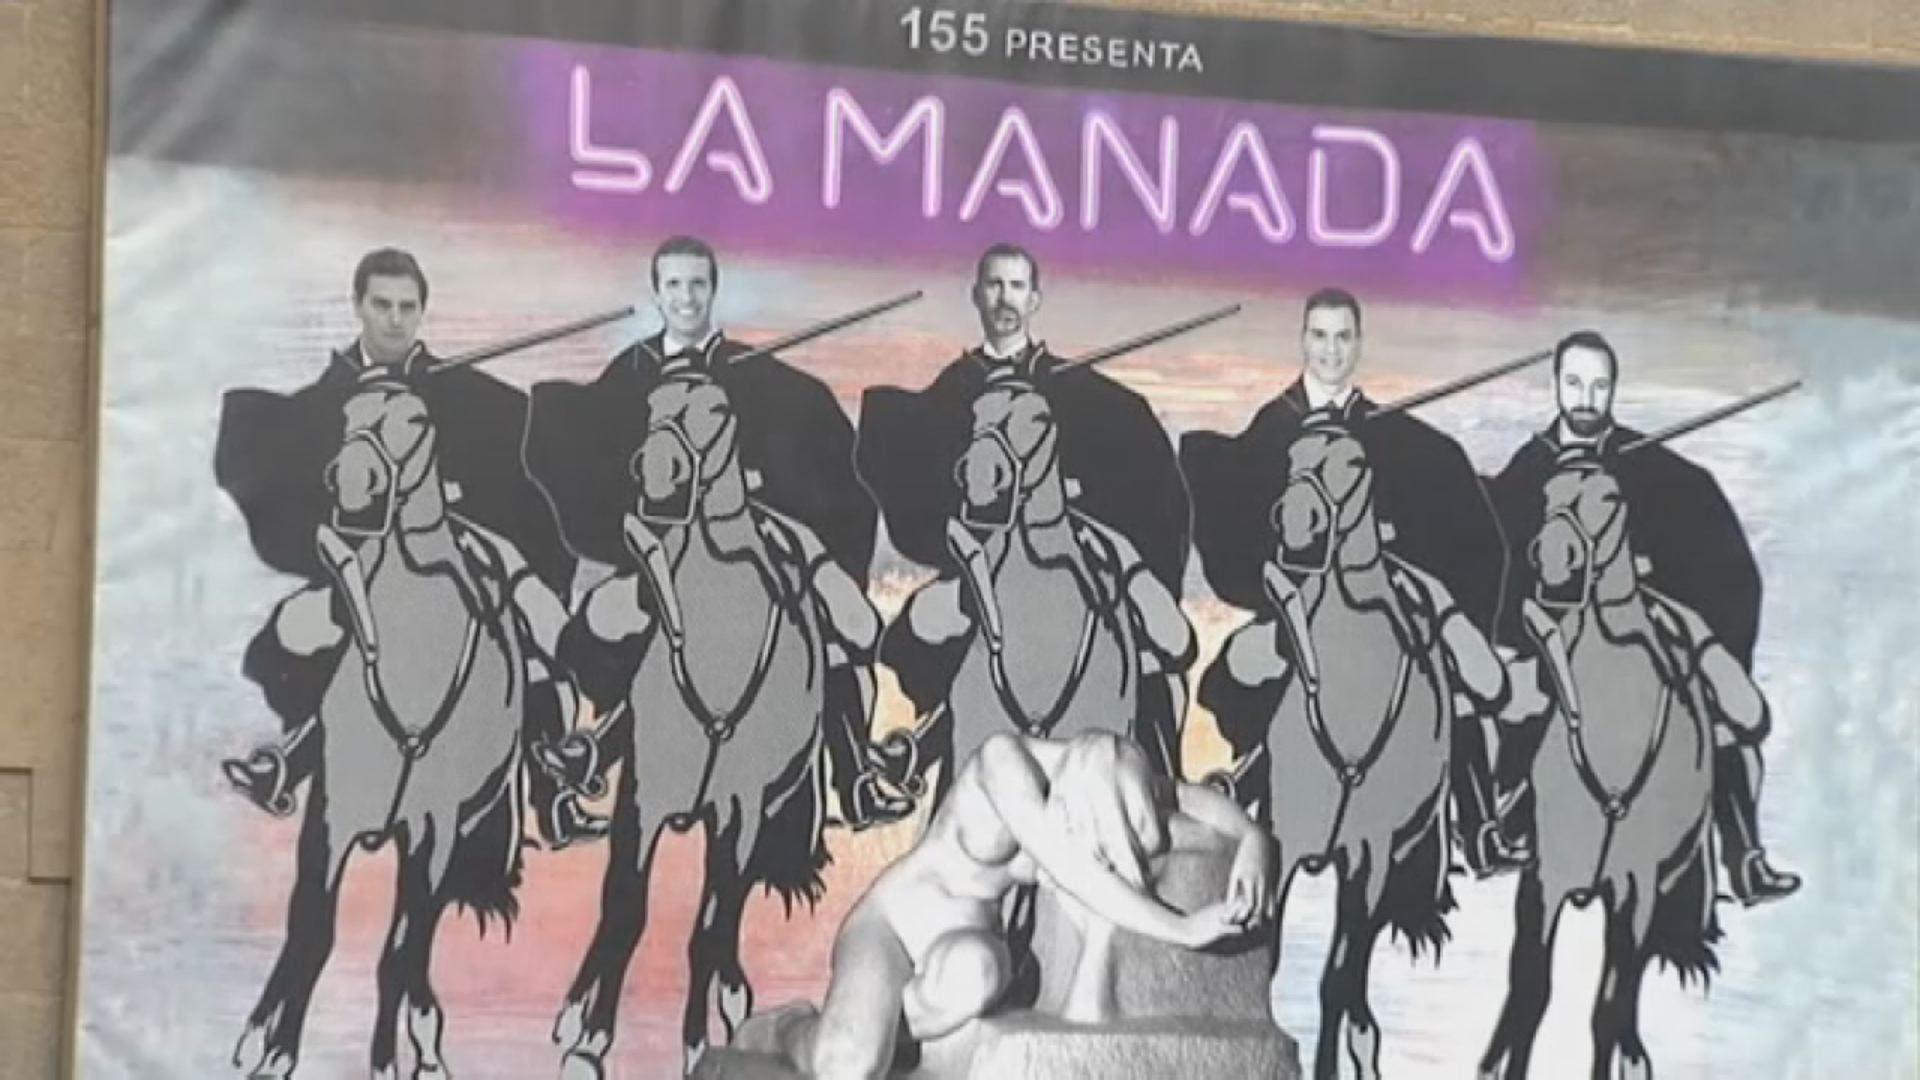 Polémico mural en Olot: compara a los líderes políticos con «La Manada».Pablo Iglesias